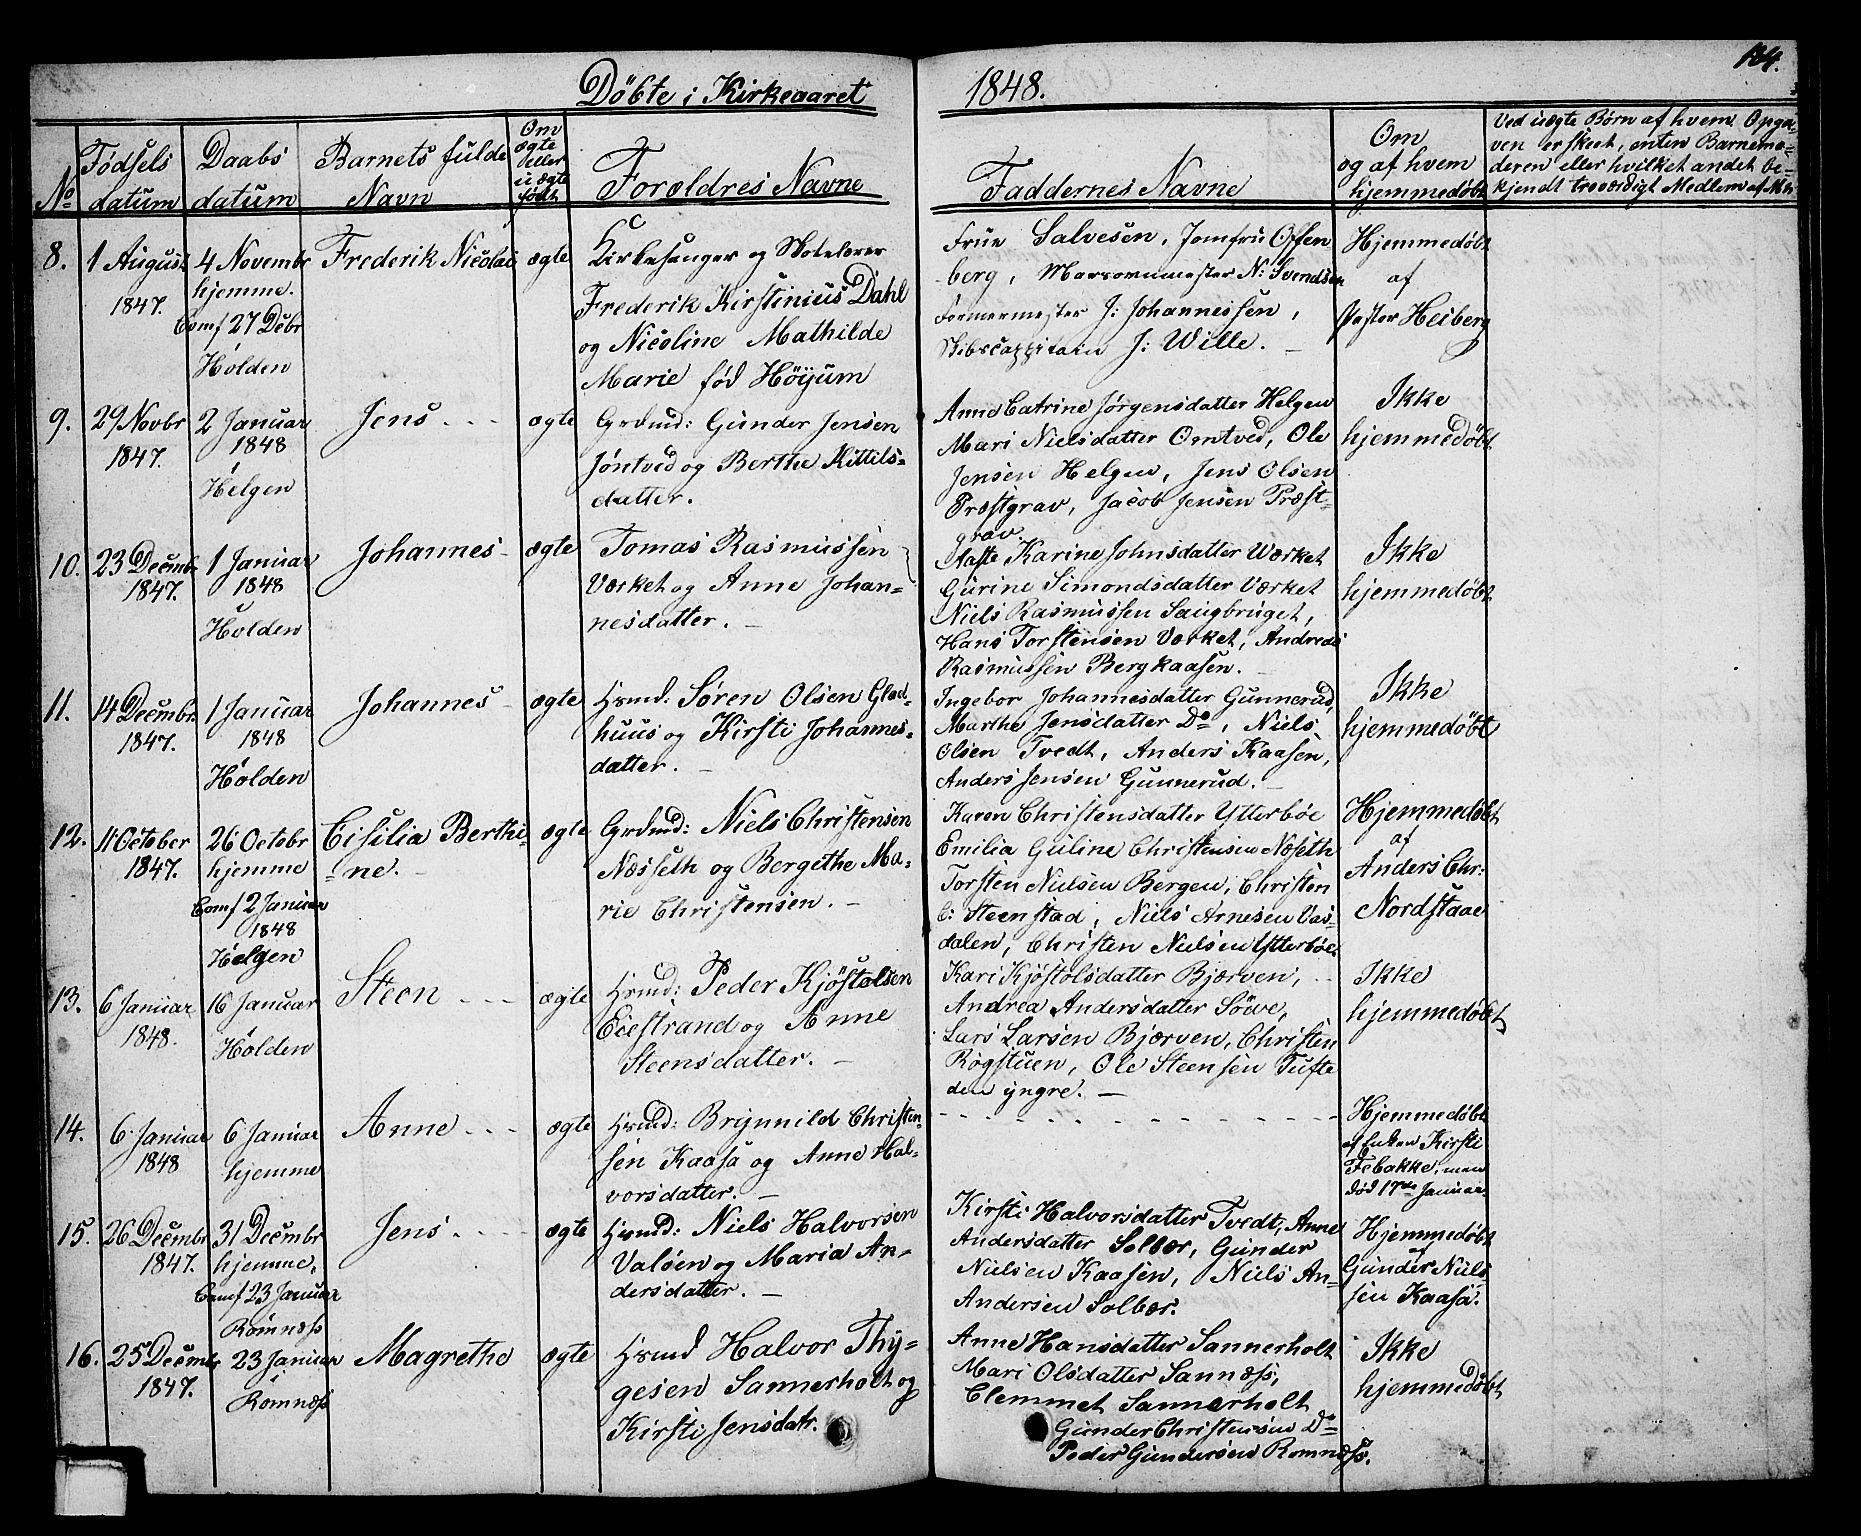 SAKO, Holla kirkebøker, G/Ga/L0002: Klokkerbok nr. I 2, 1830-1848, s. 184